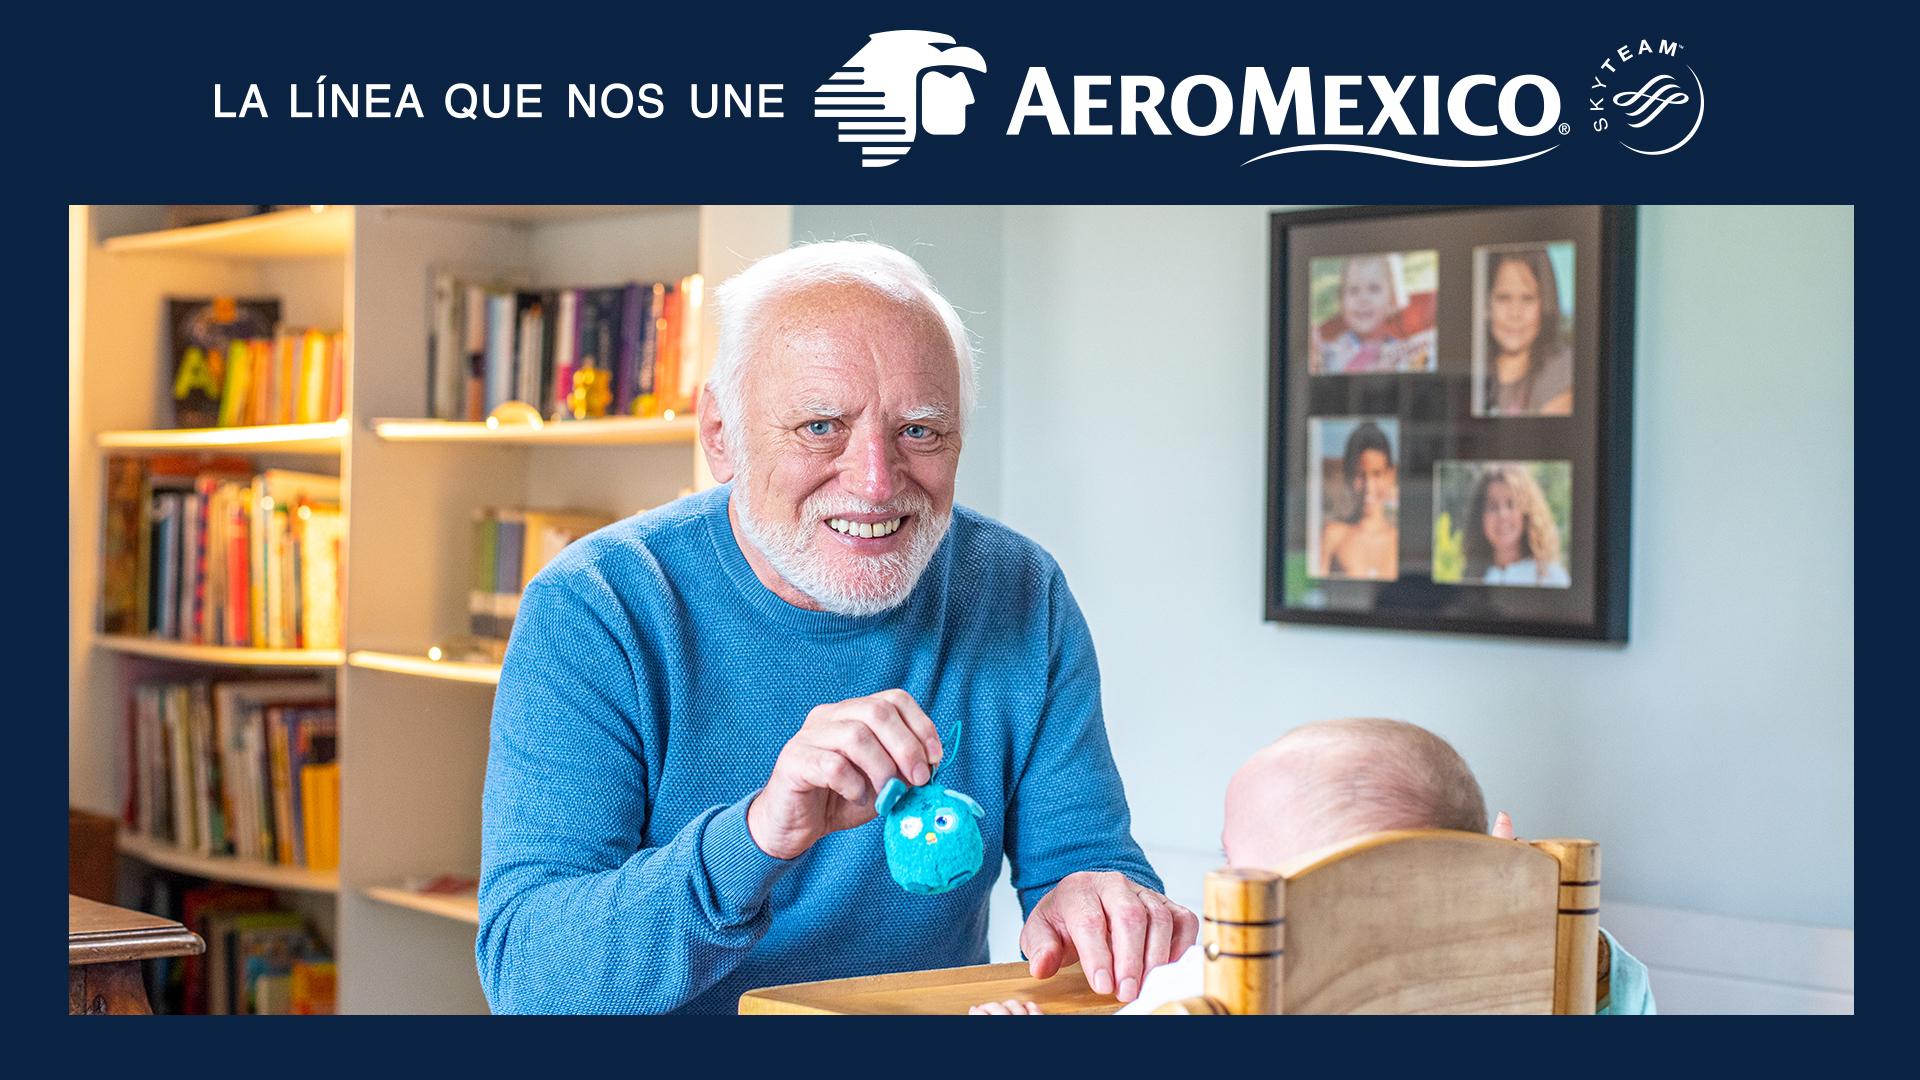 Harold, el señor del meme, es la estrella de esta campaña de Aeroméxico - Merca2.0